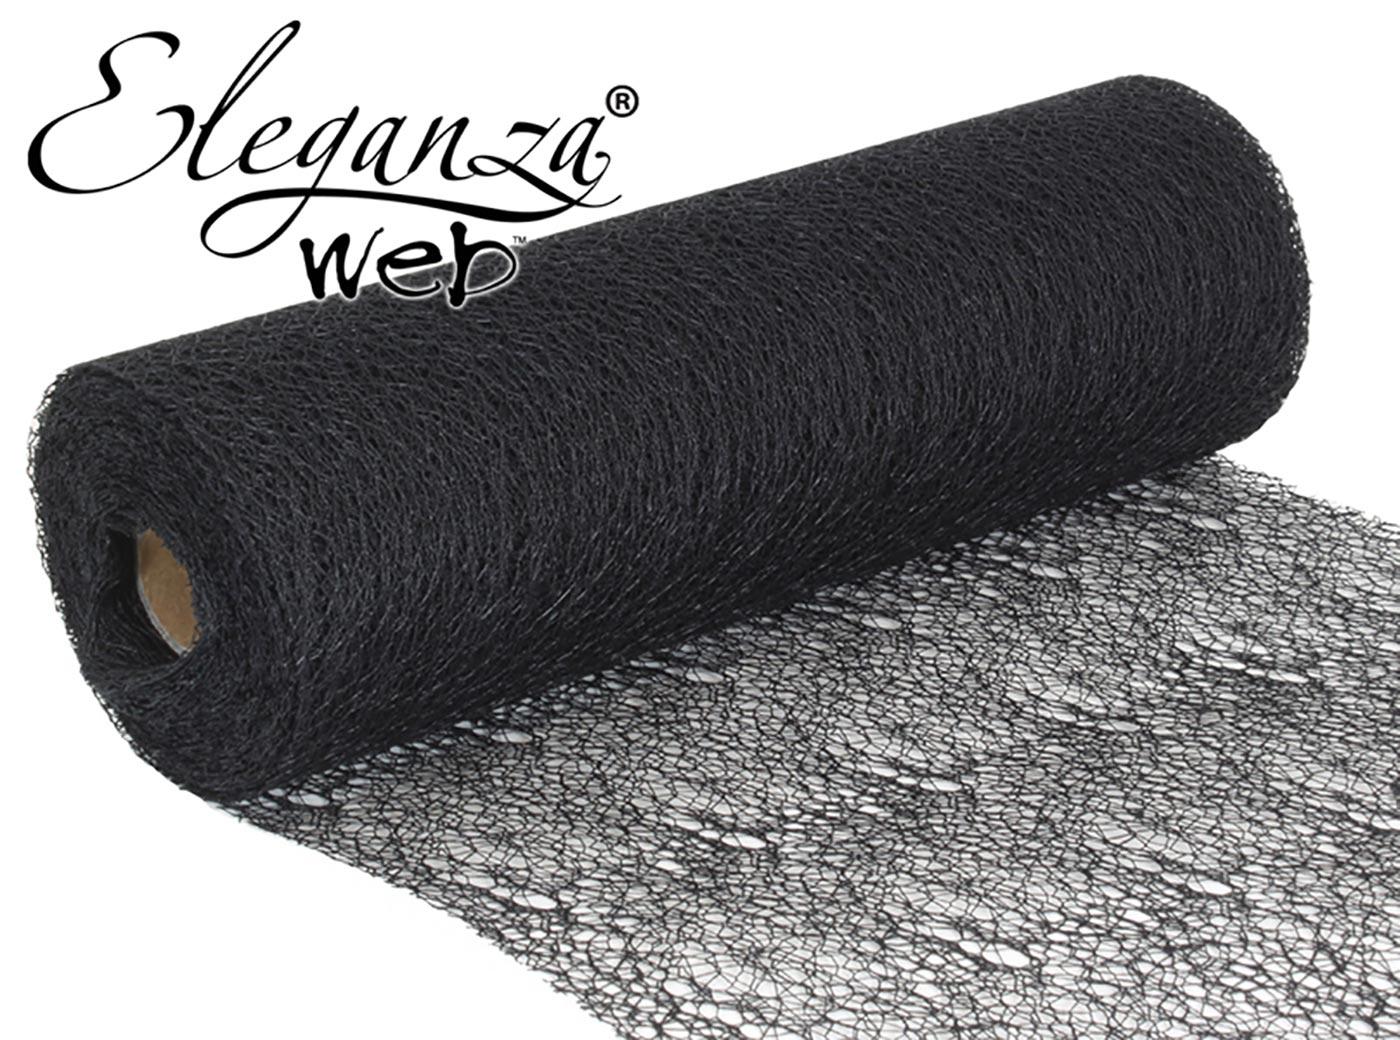 Eleganza Web Fabric roll 28cm x 10m Black